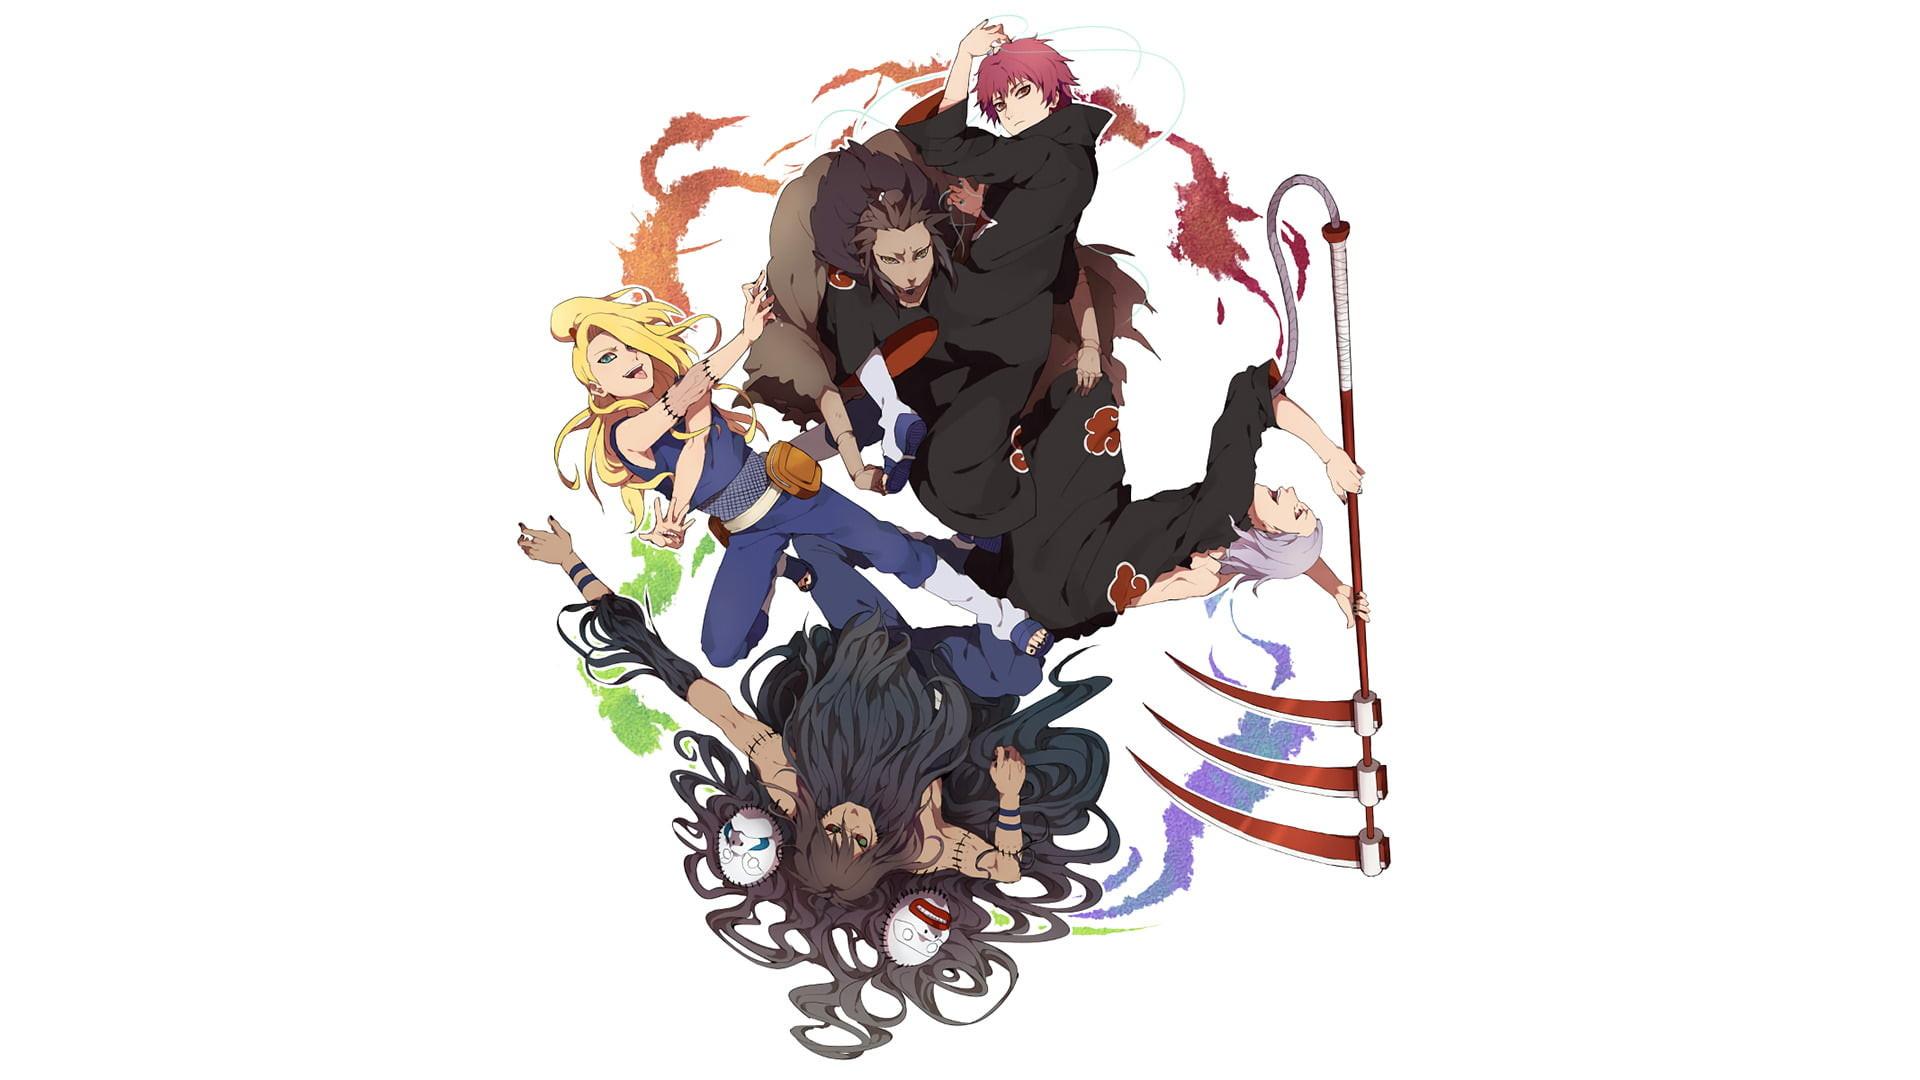 Res: 1920x1080, Anime, Naruto, Akatsuki (Naruto), Deidara (Naruto), Hidan (